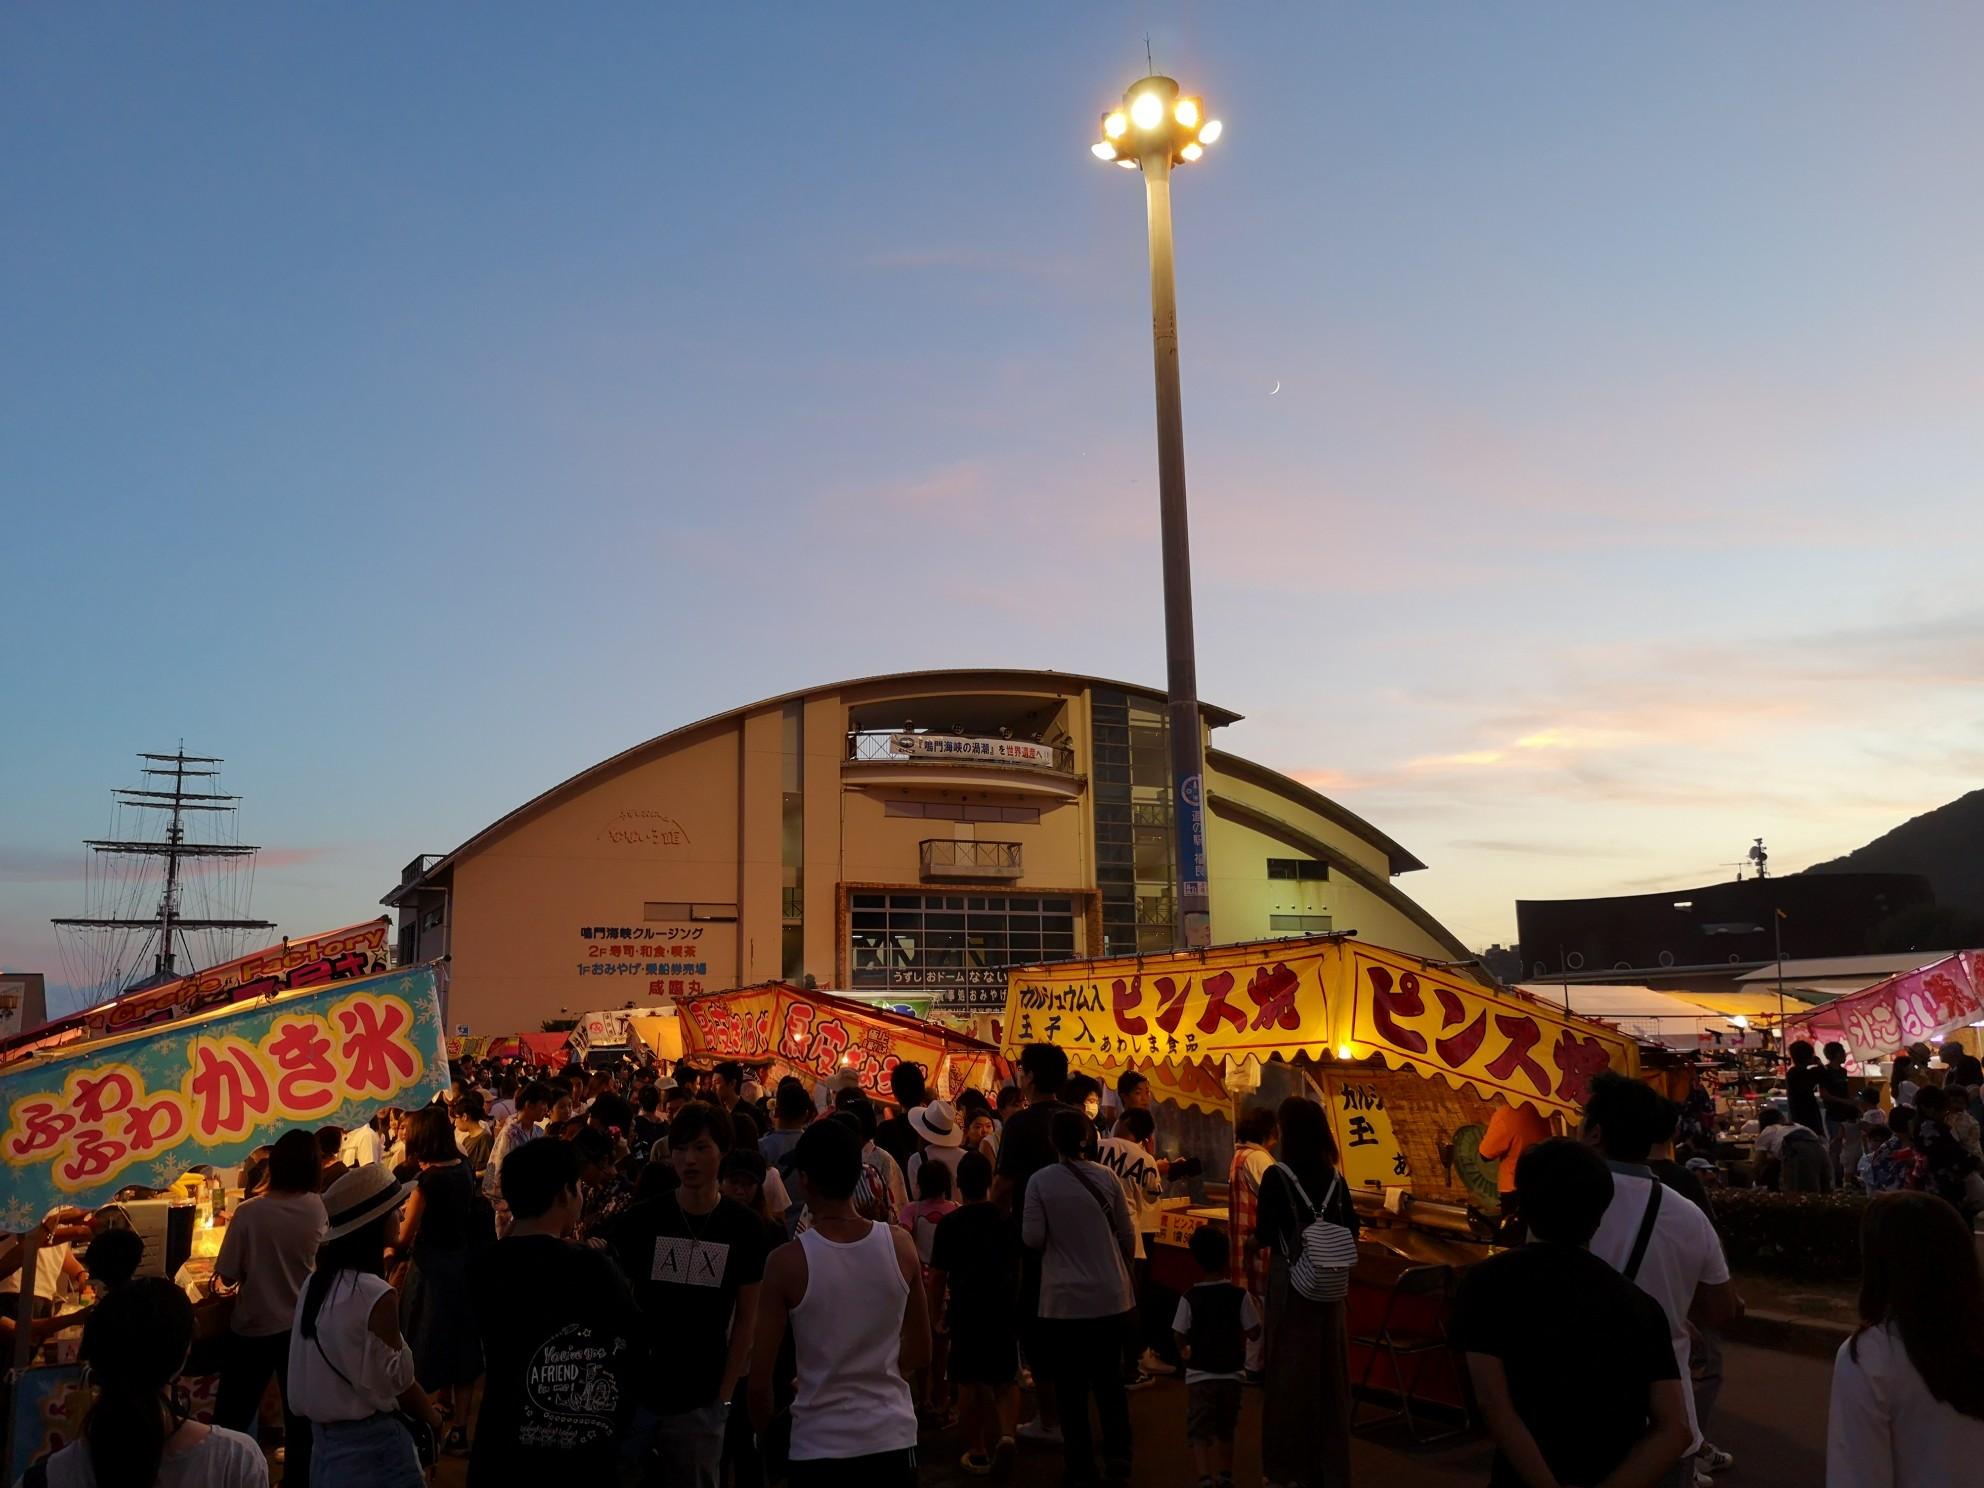 福良湾海上花火大会の会場道の駅福良(なないろ館)前の屋台